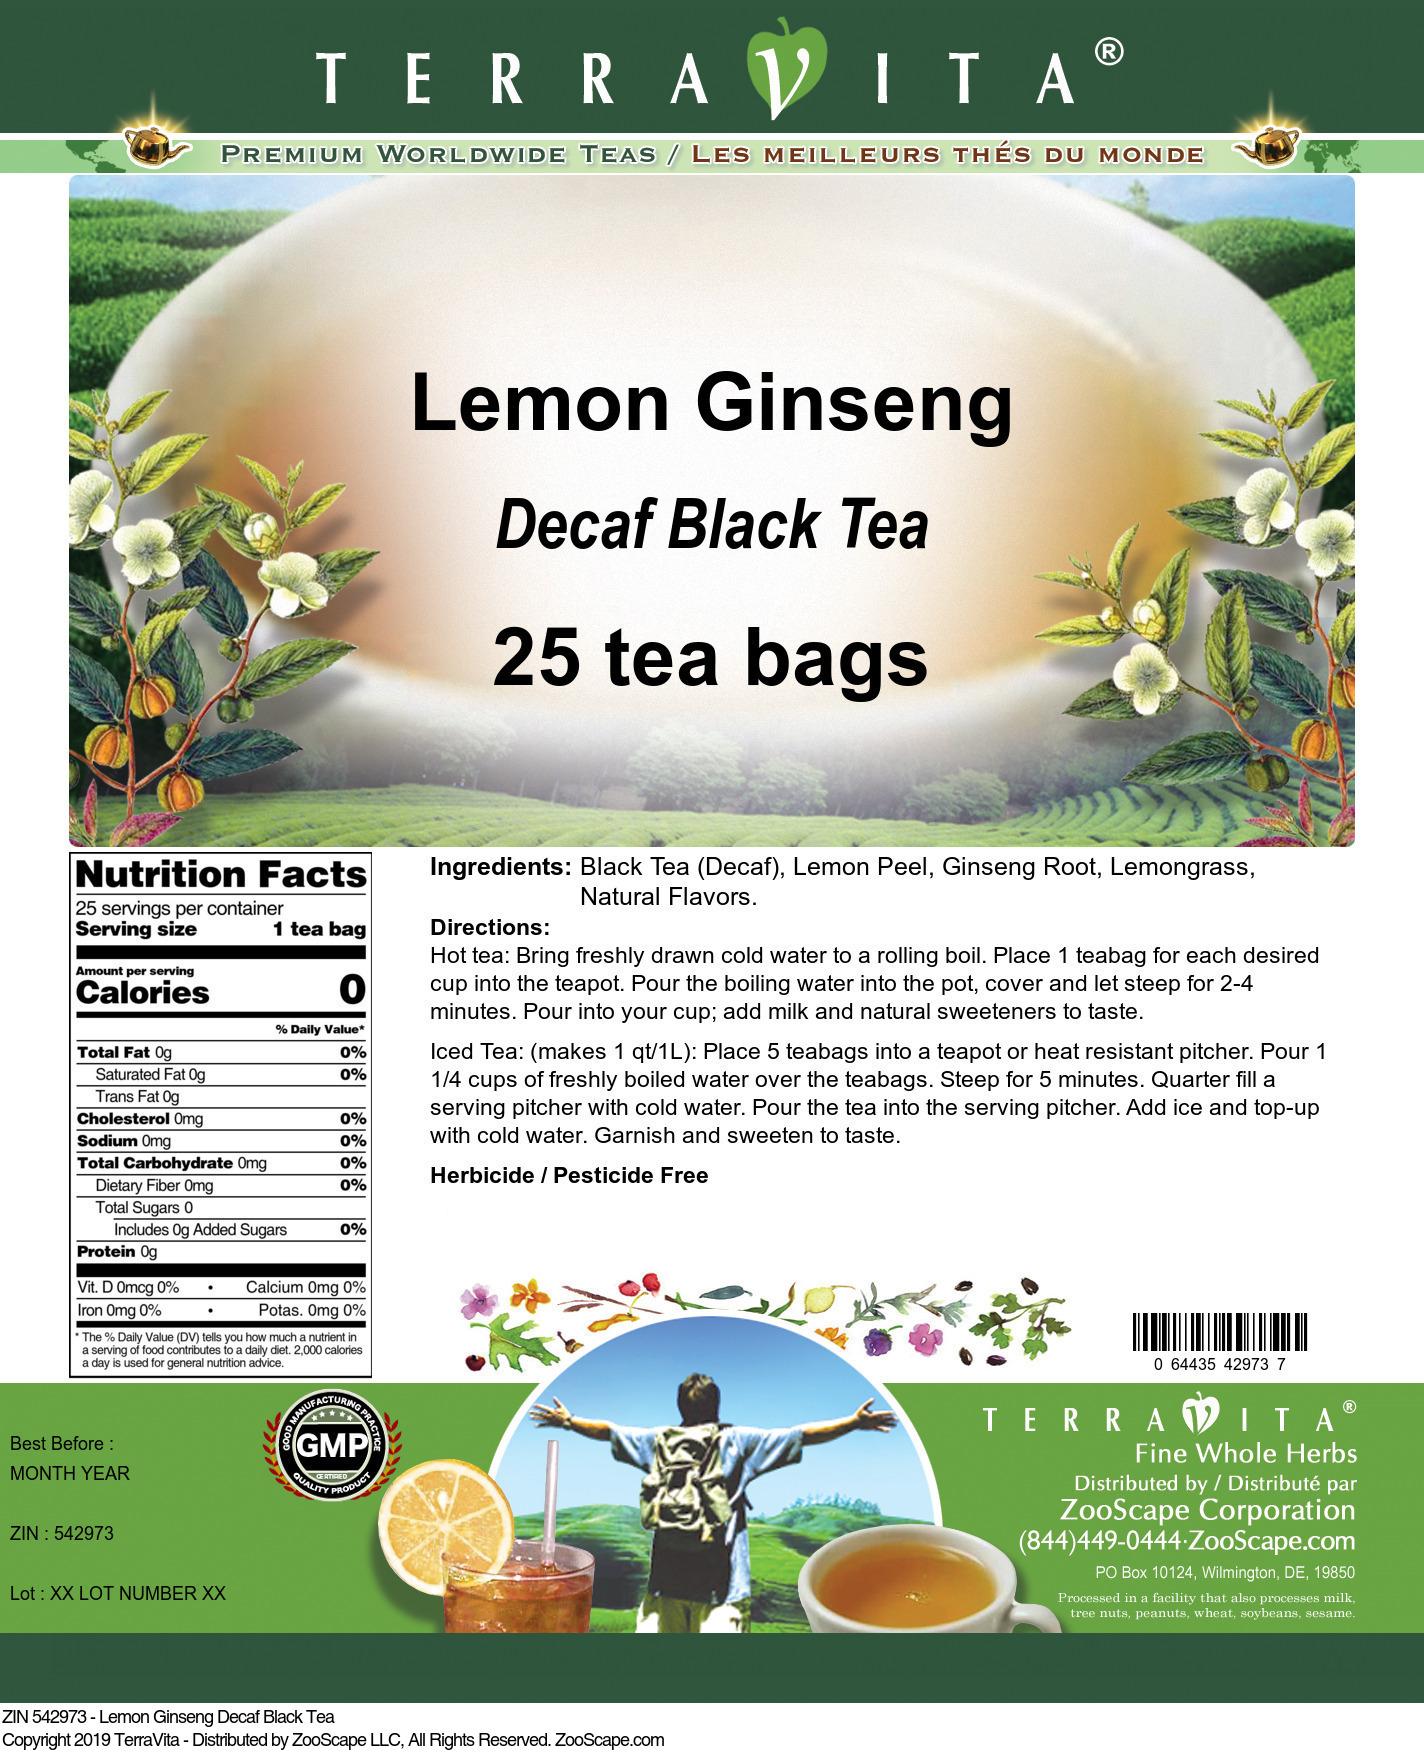 Lemon Ginseng Decaf Black Tea